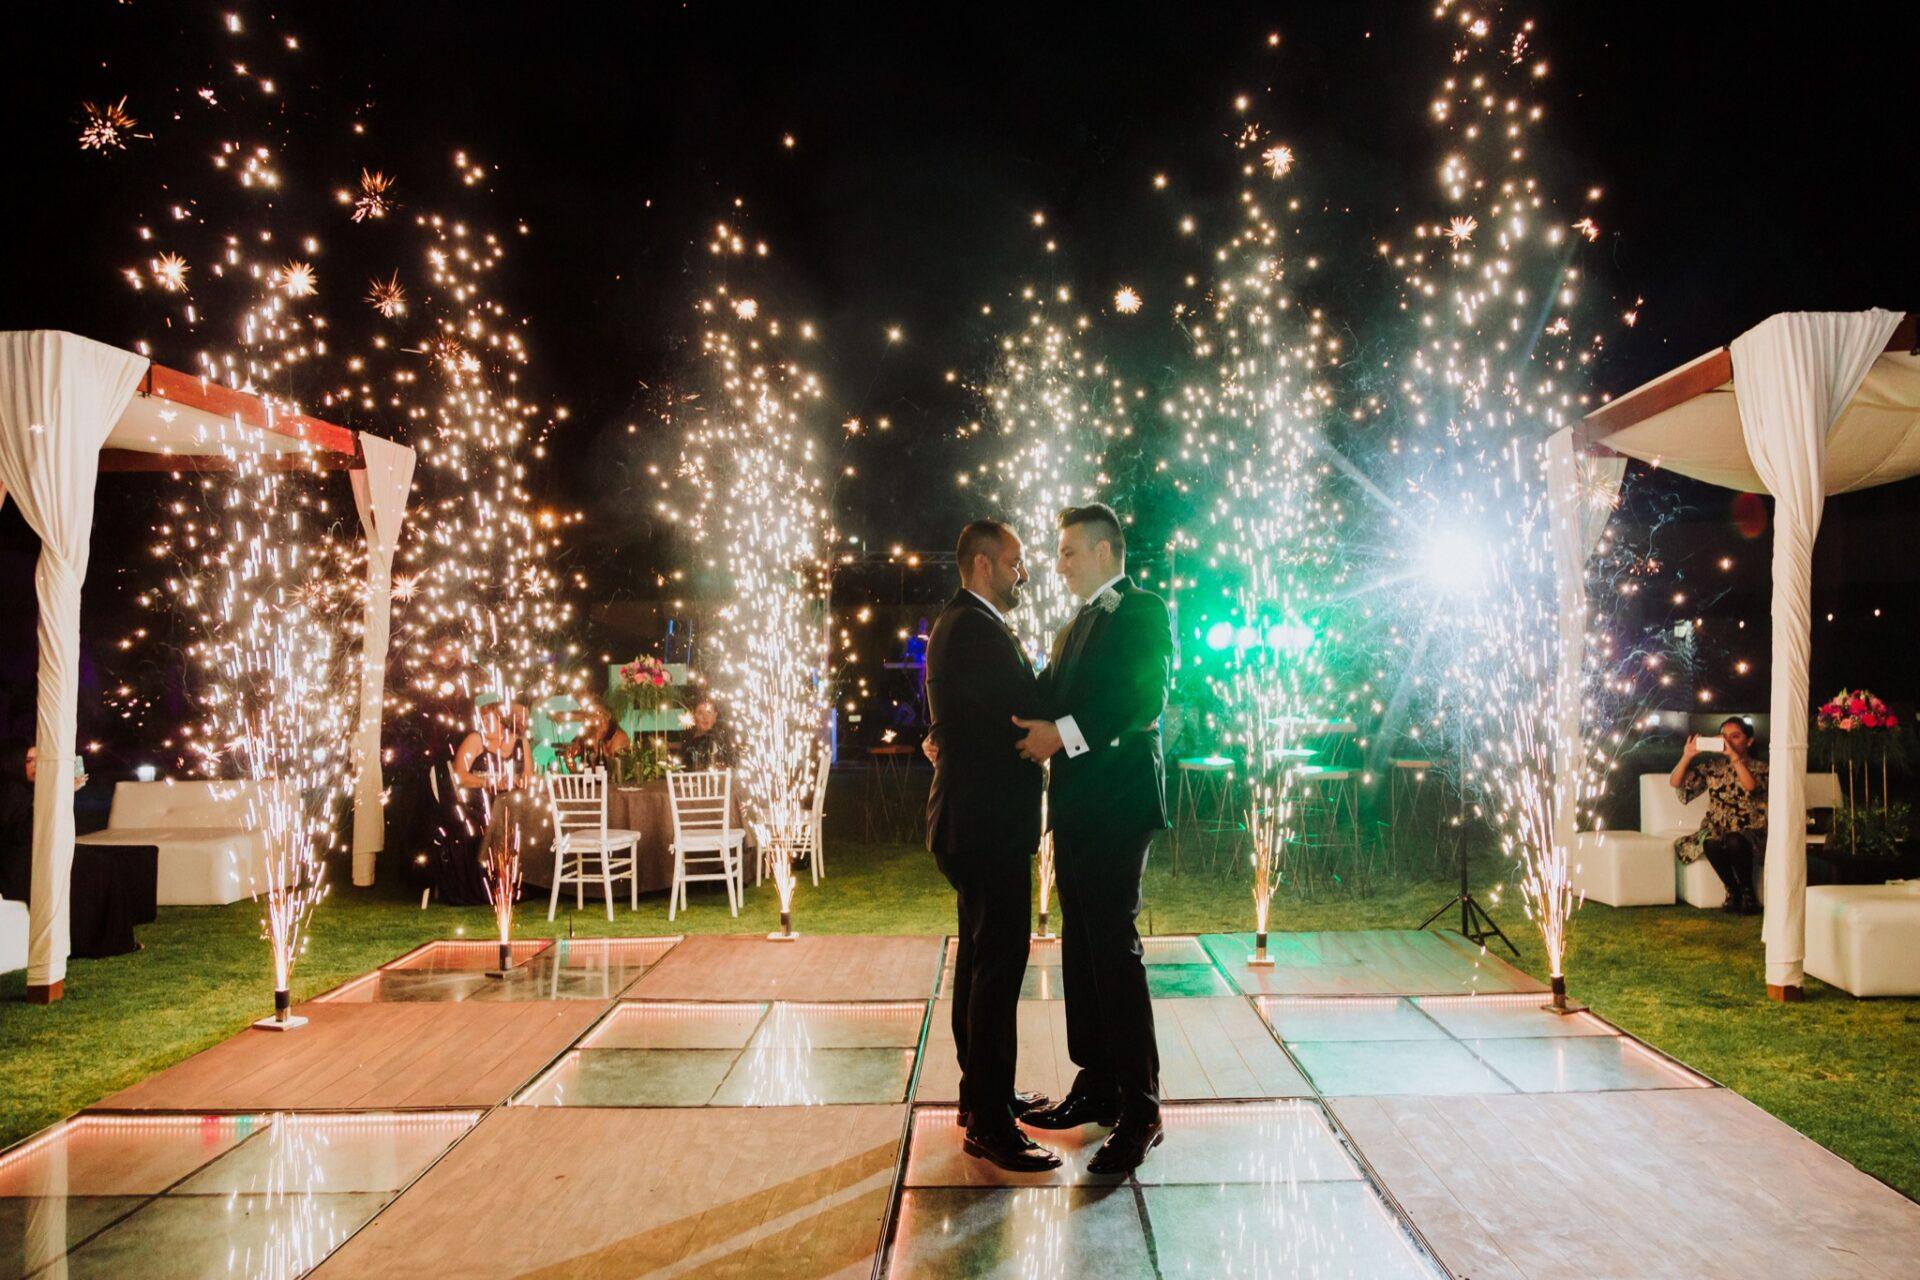 javier_noriega_fotografo_bodas_alicia_garden_zacatecas_wedding_photographer24